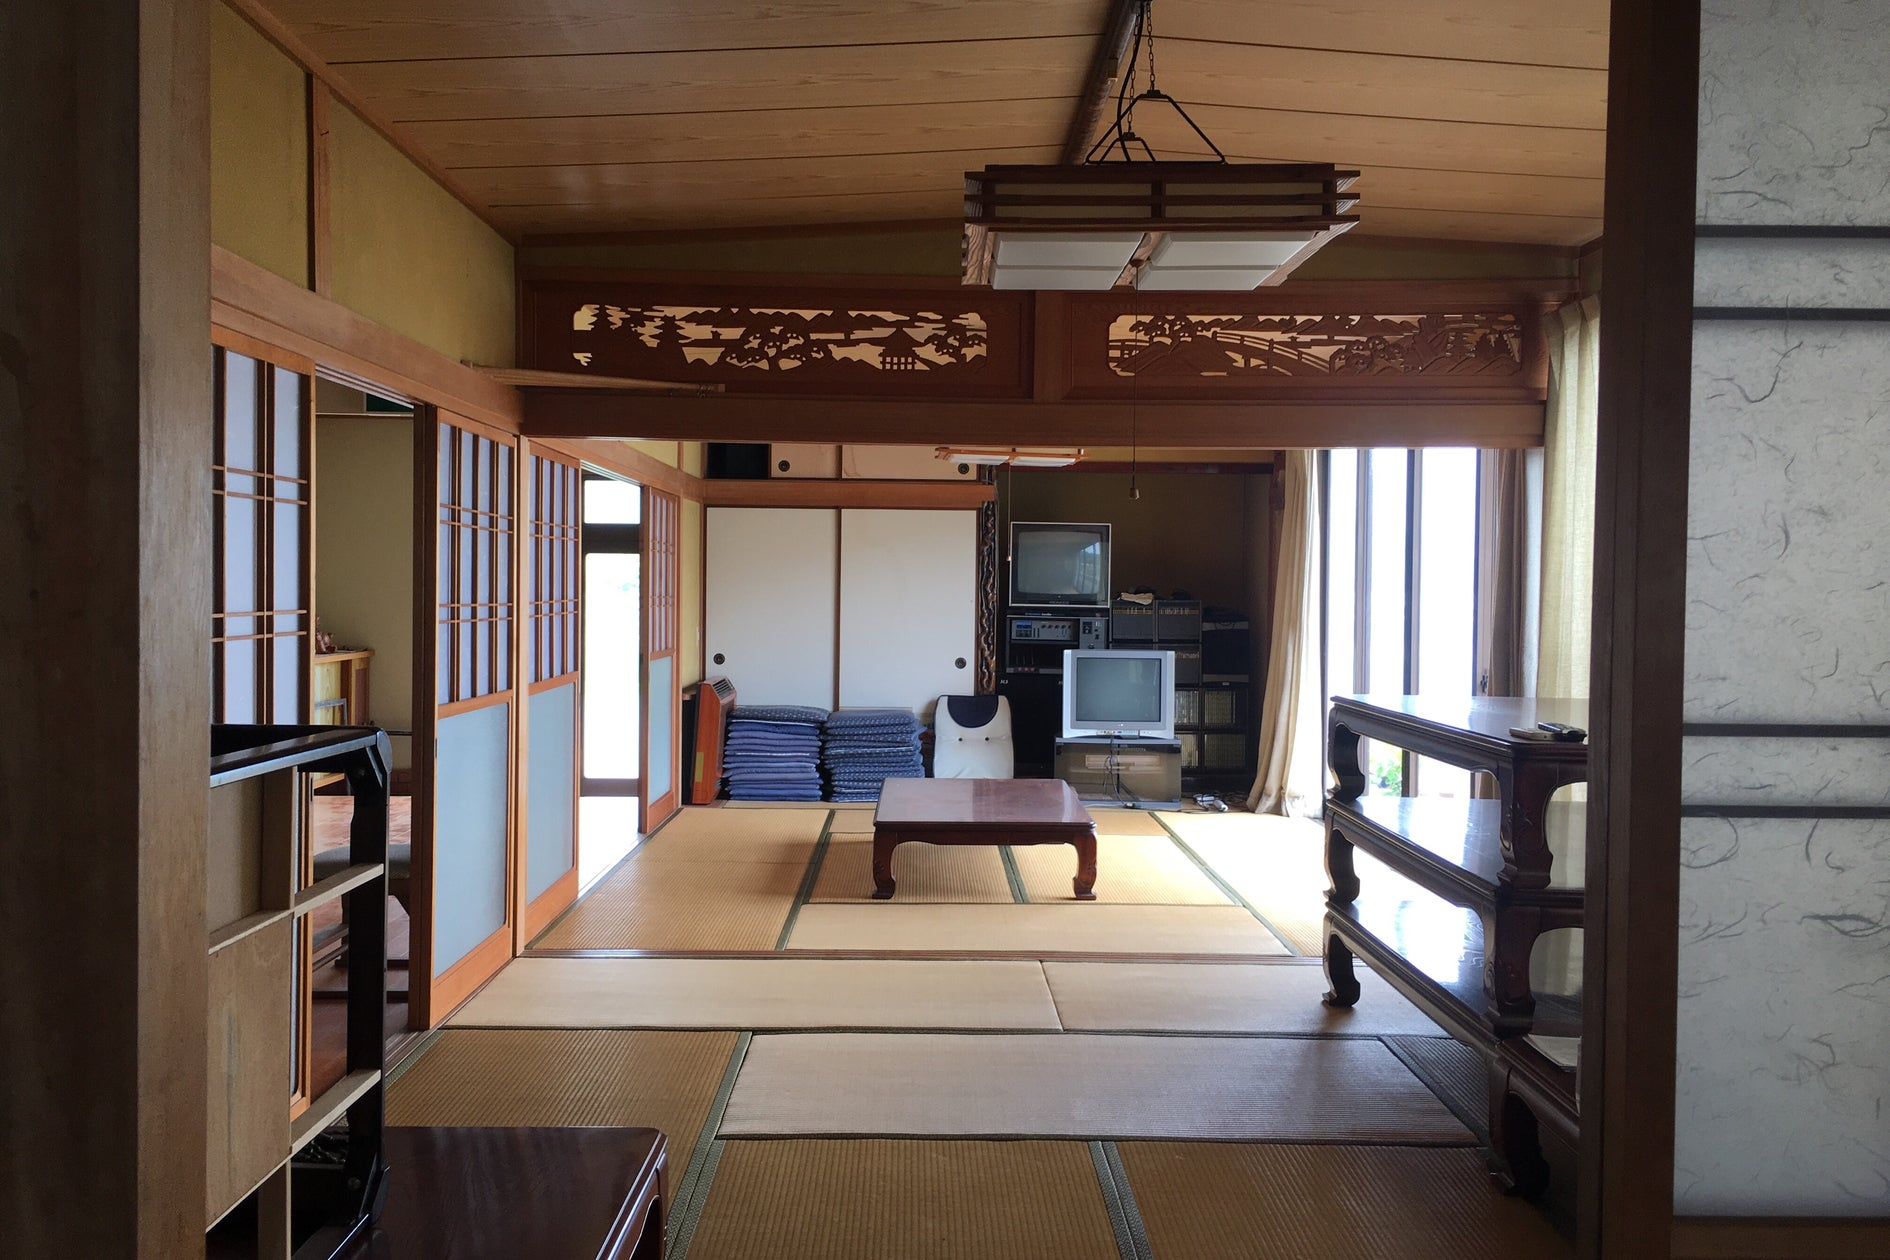 民宿としての設備があり、各種の集まりに利用できます。釣舟などの予約も受け付けができます。 の写真